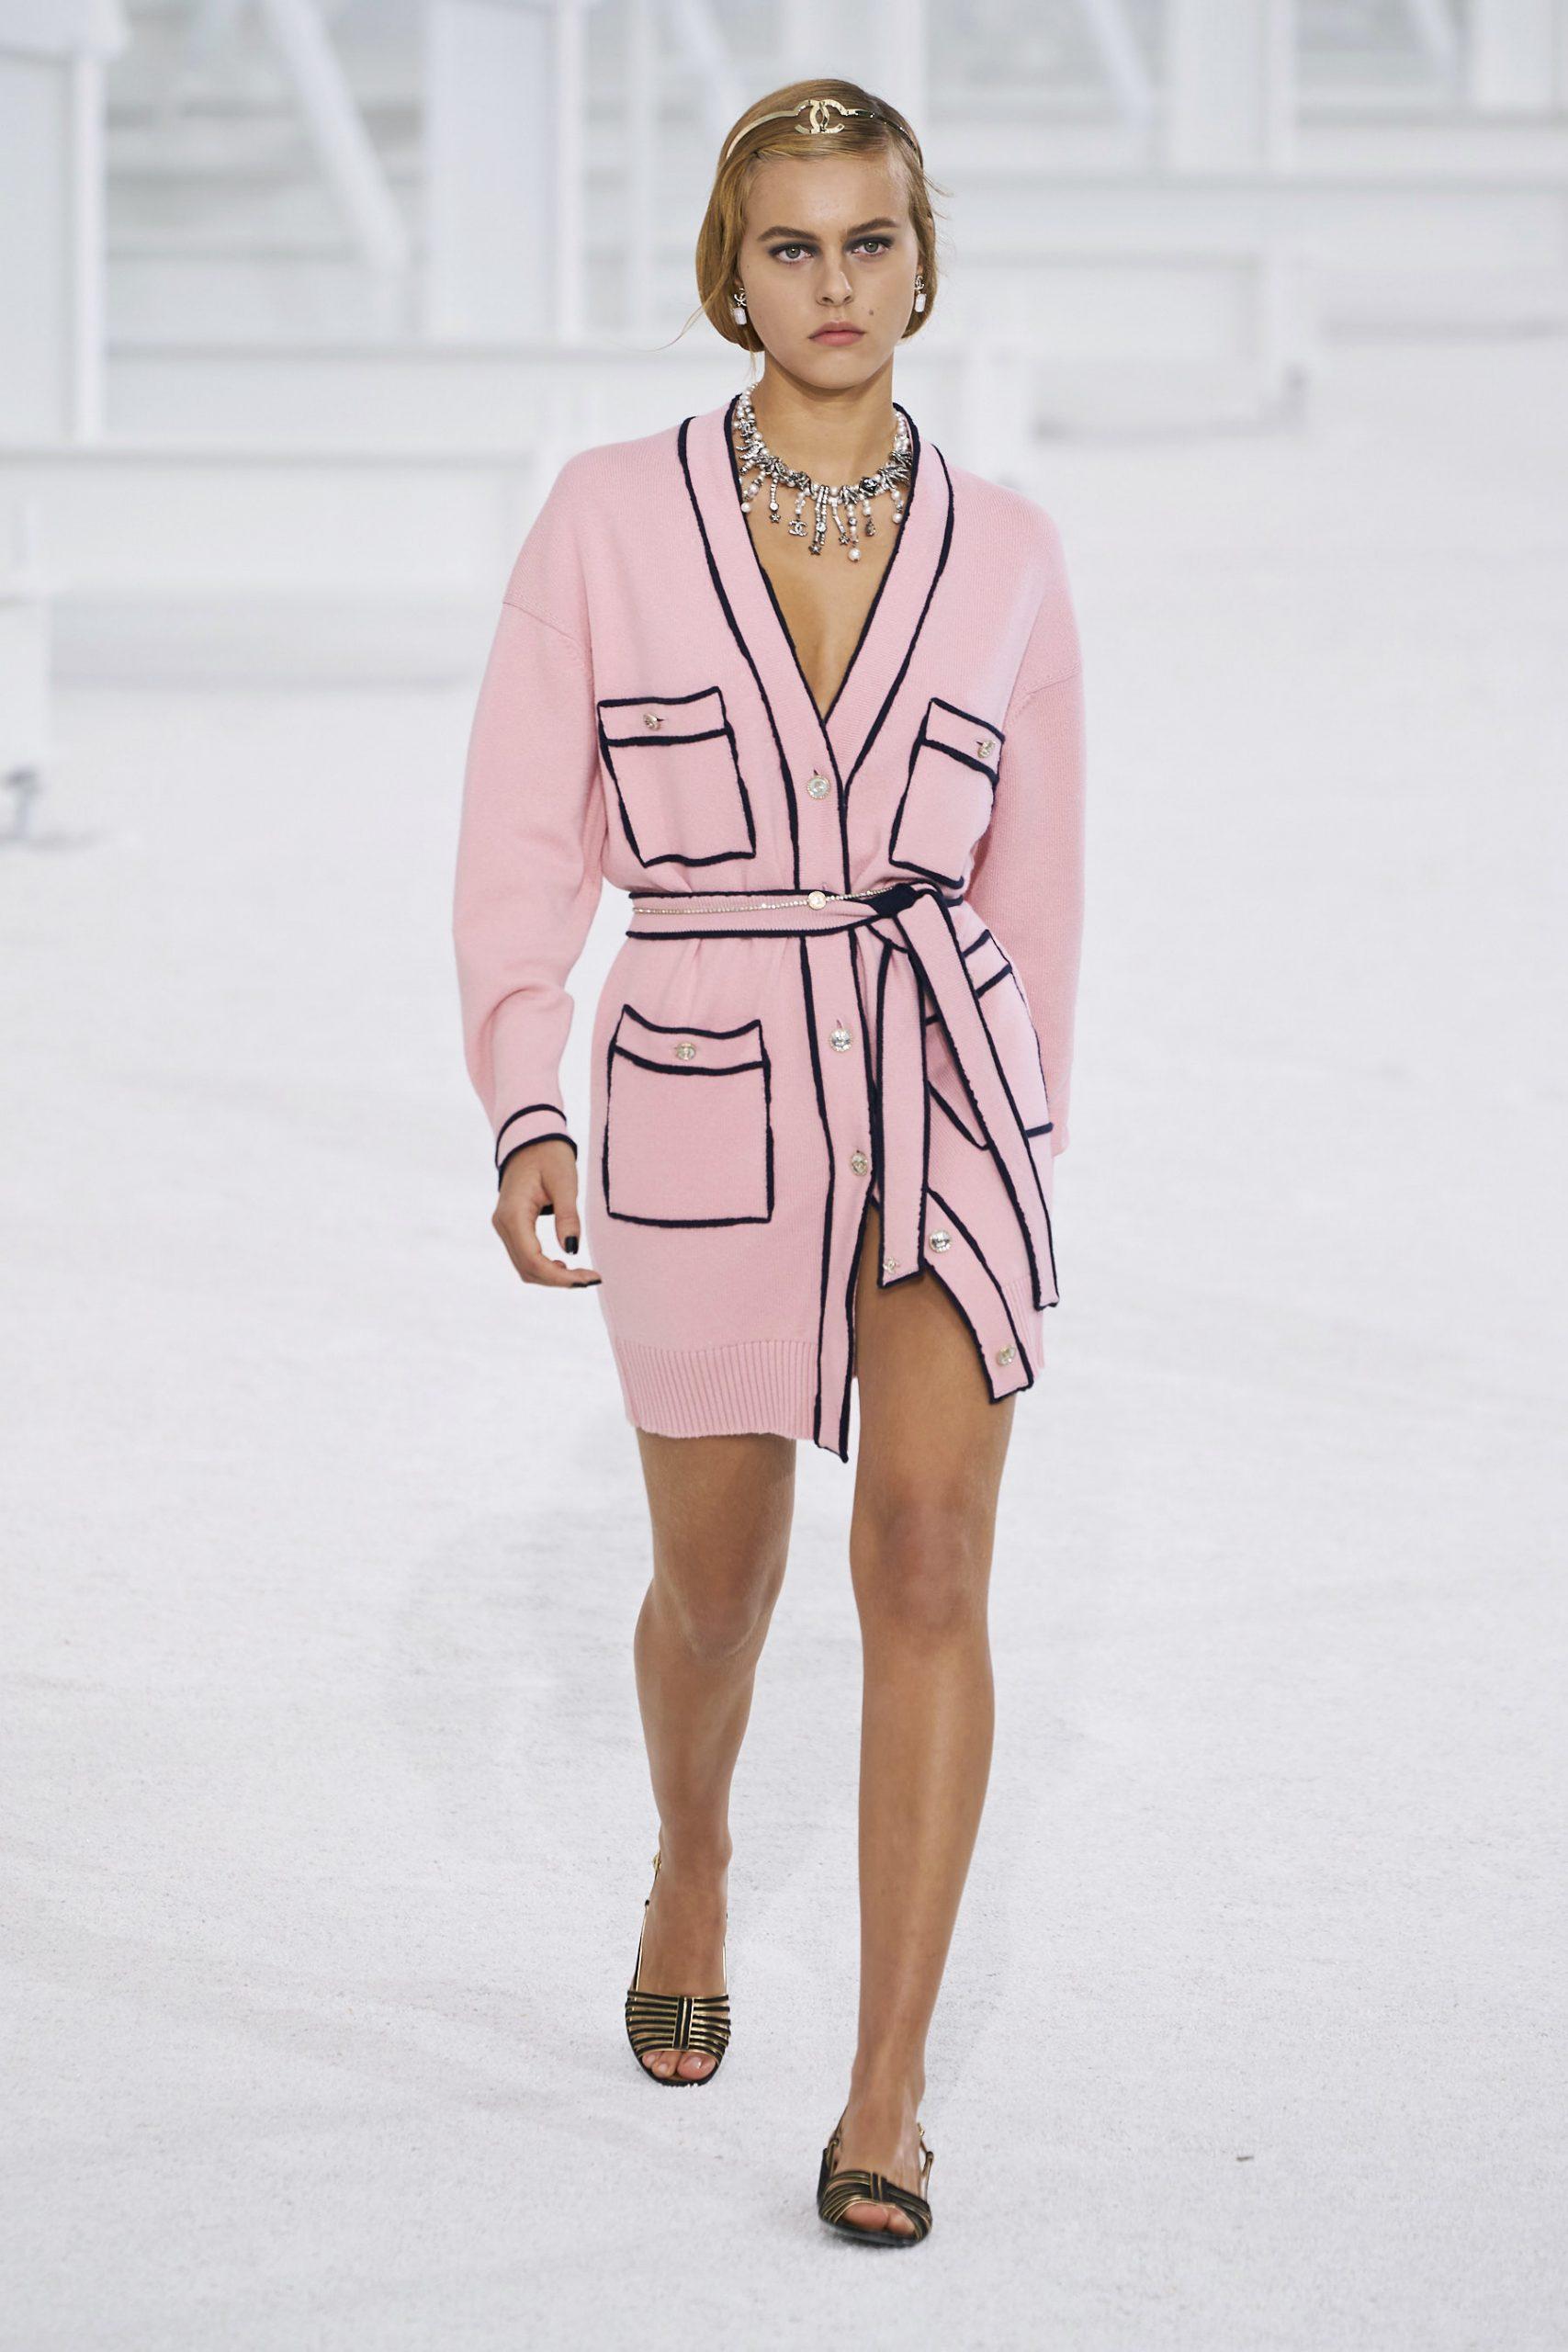 5. kép: Párizsi Divathét - Chanel - 2021 tavasz-nyár - ready to wear